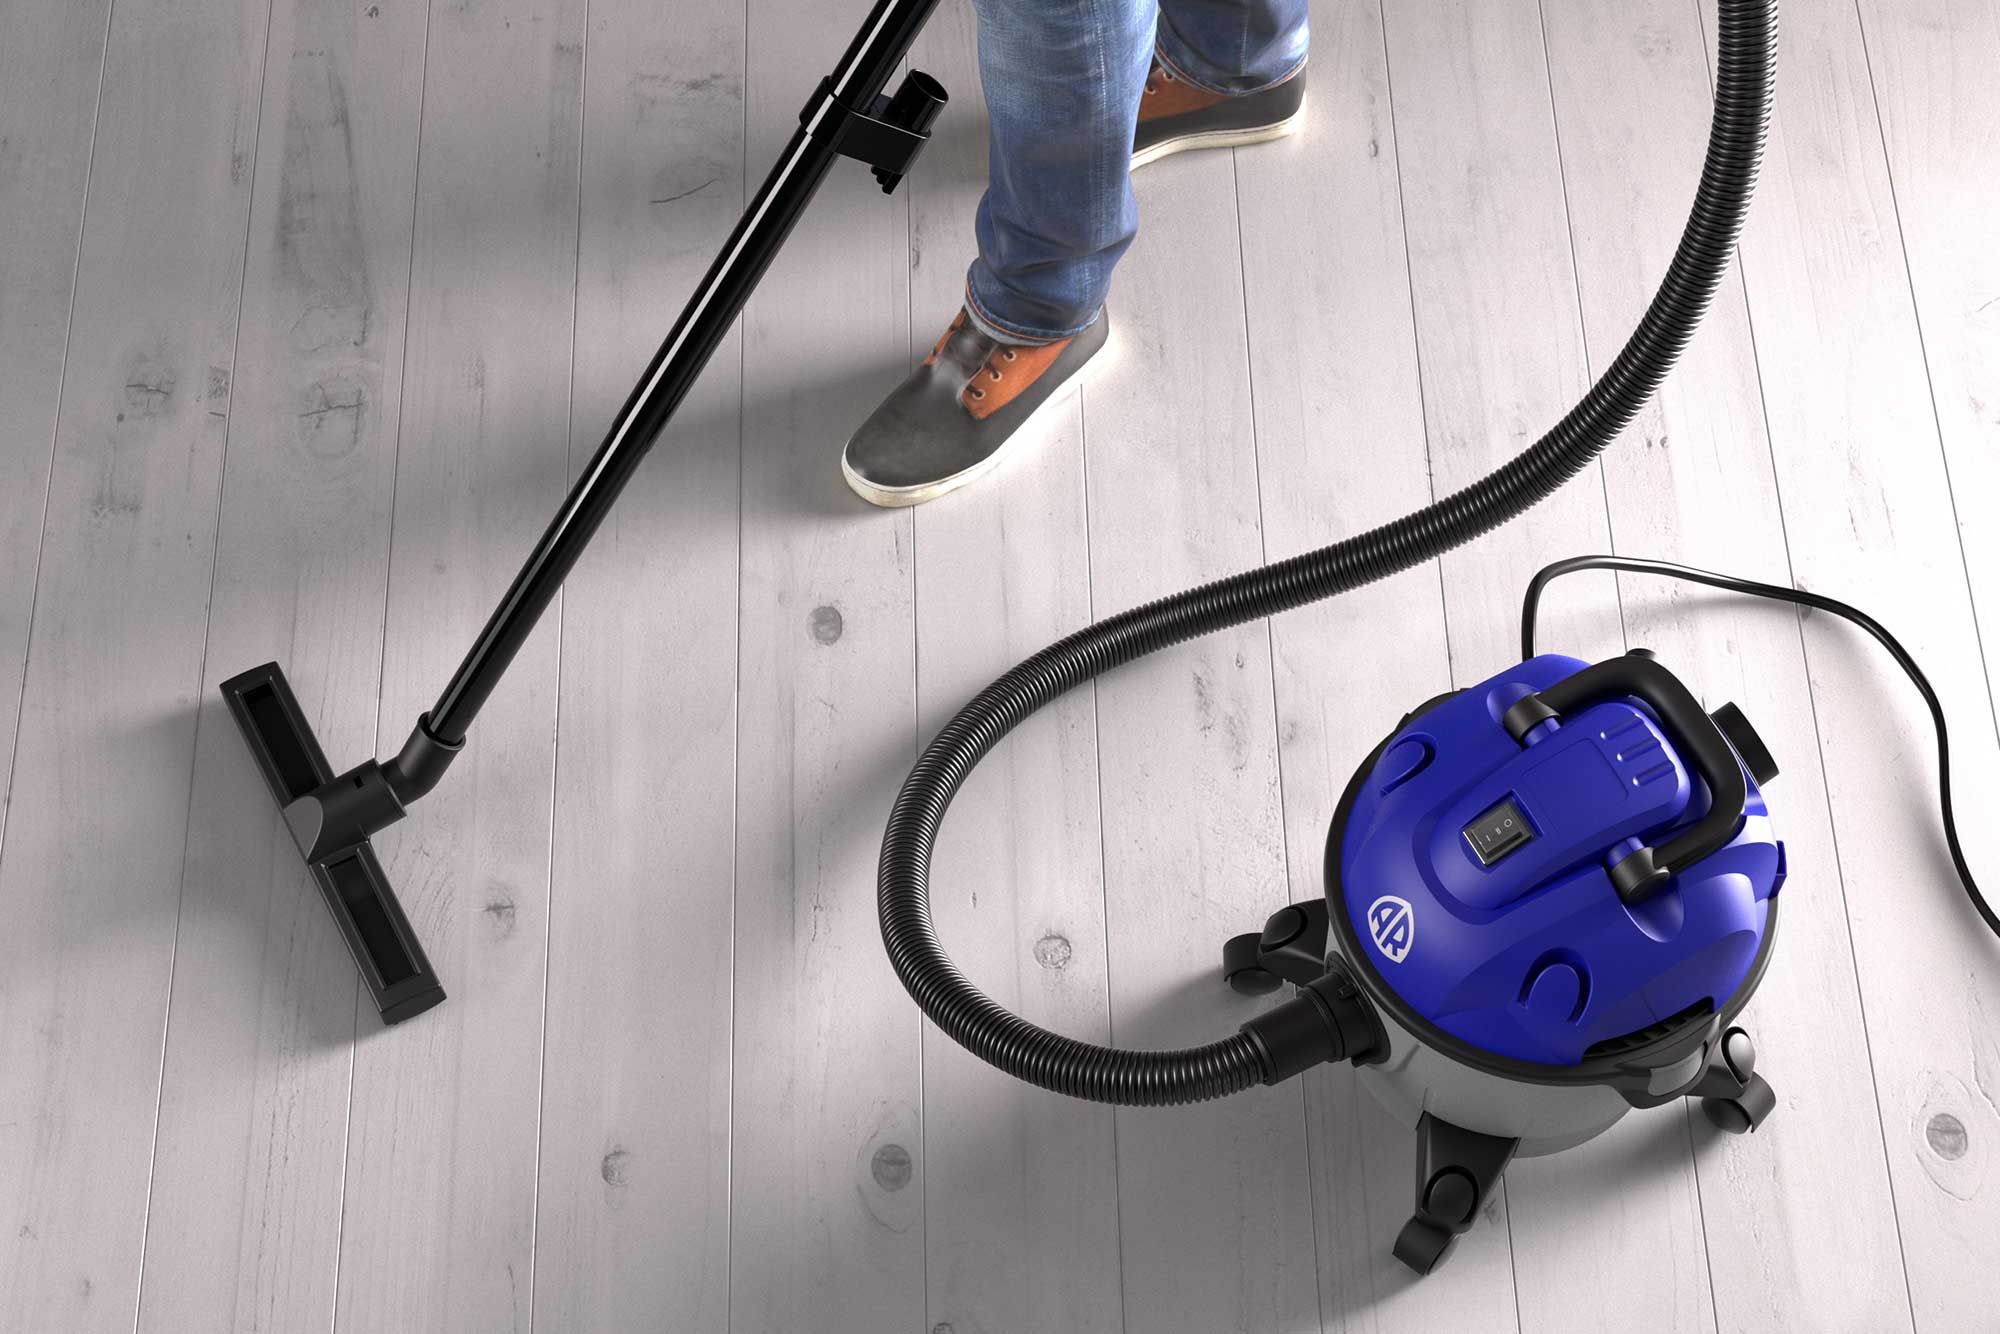 Giochi Di Pulizie Domestiche come pulire casa velocemente e bene | ar blue clean